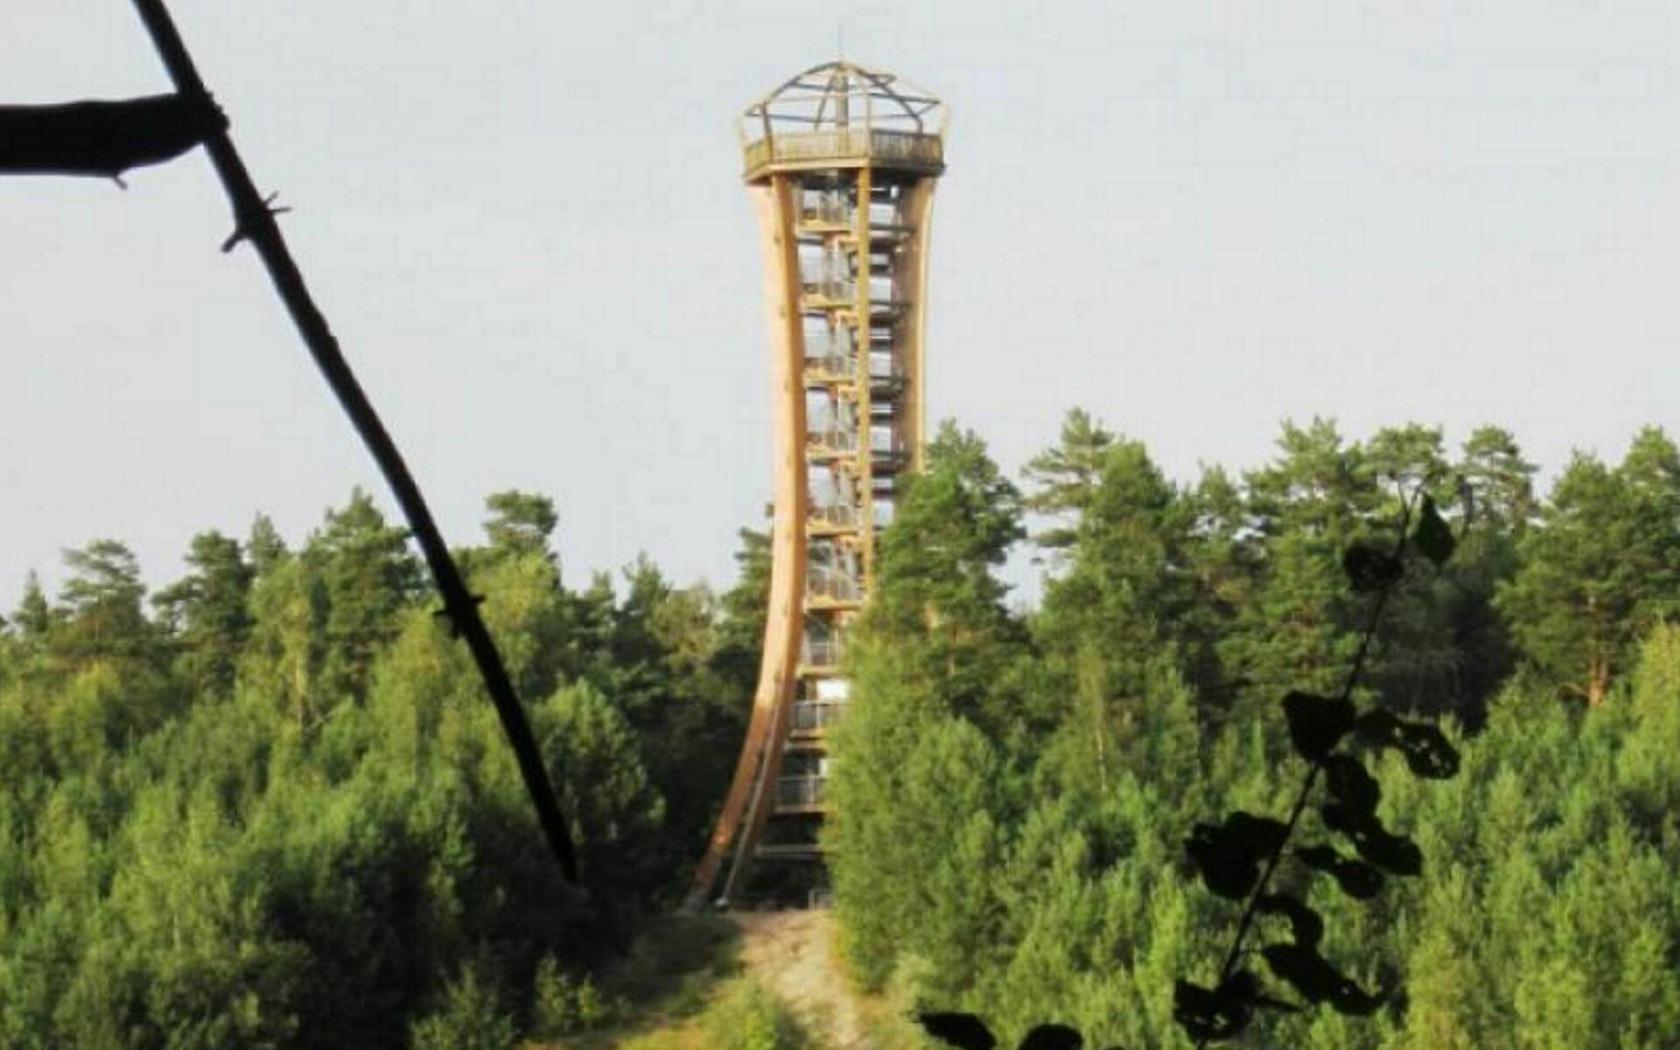 Felixturm am Felixsee, Foto: Geoparkbüro